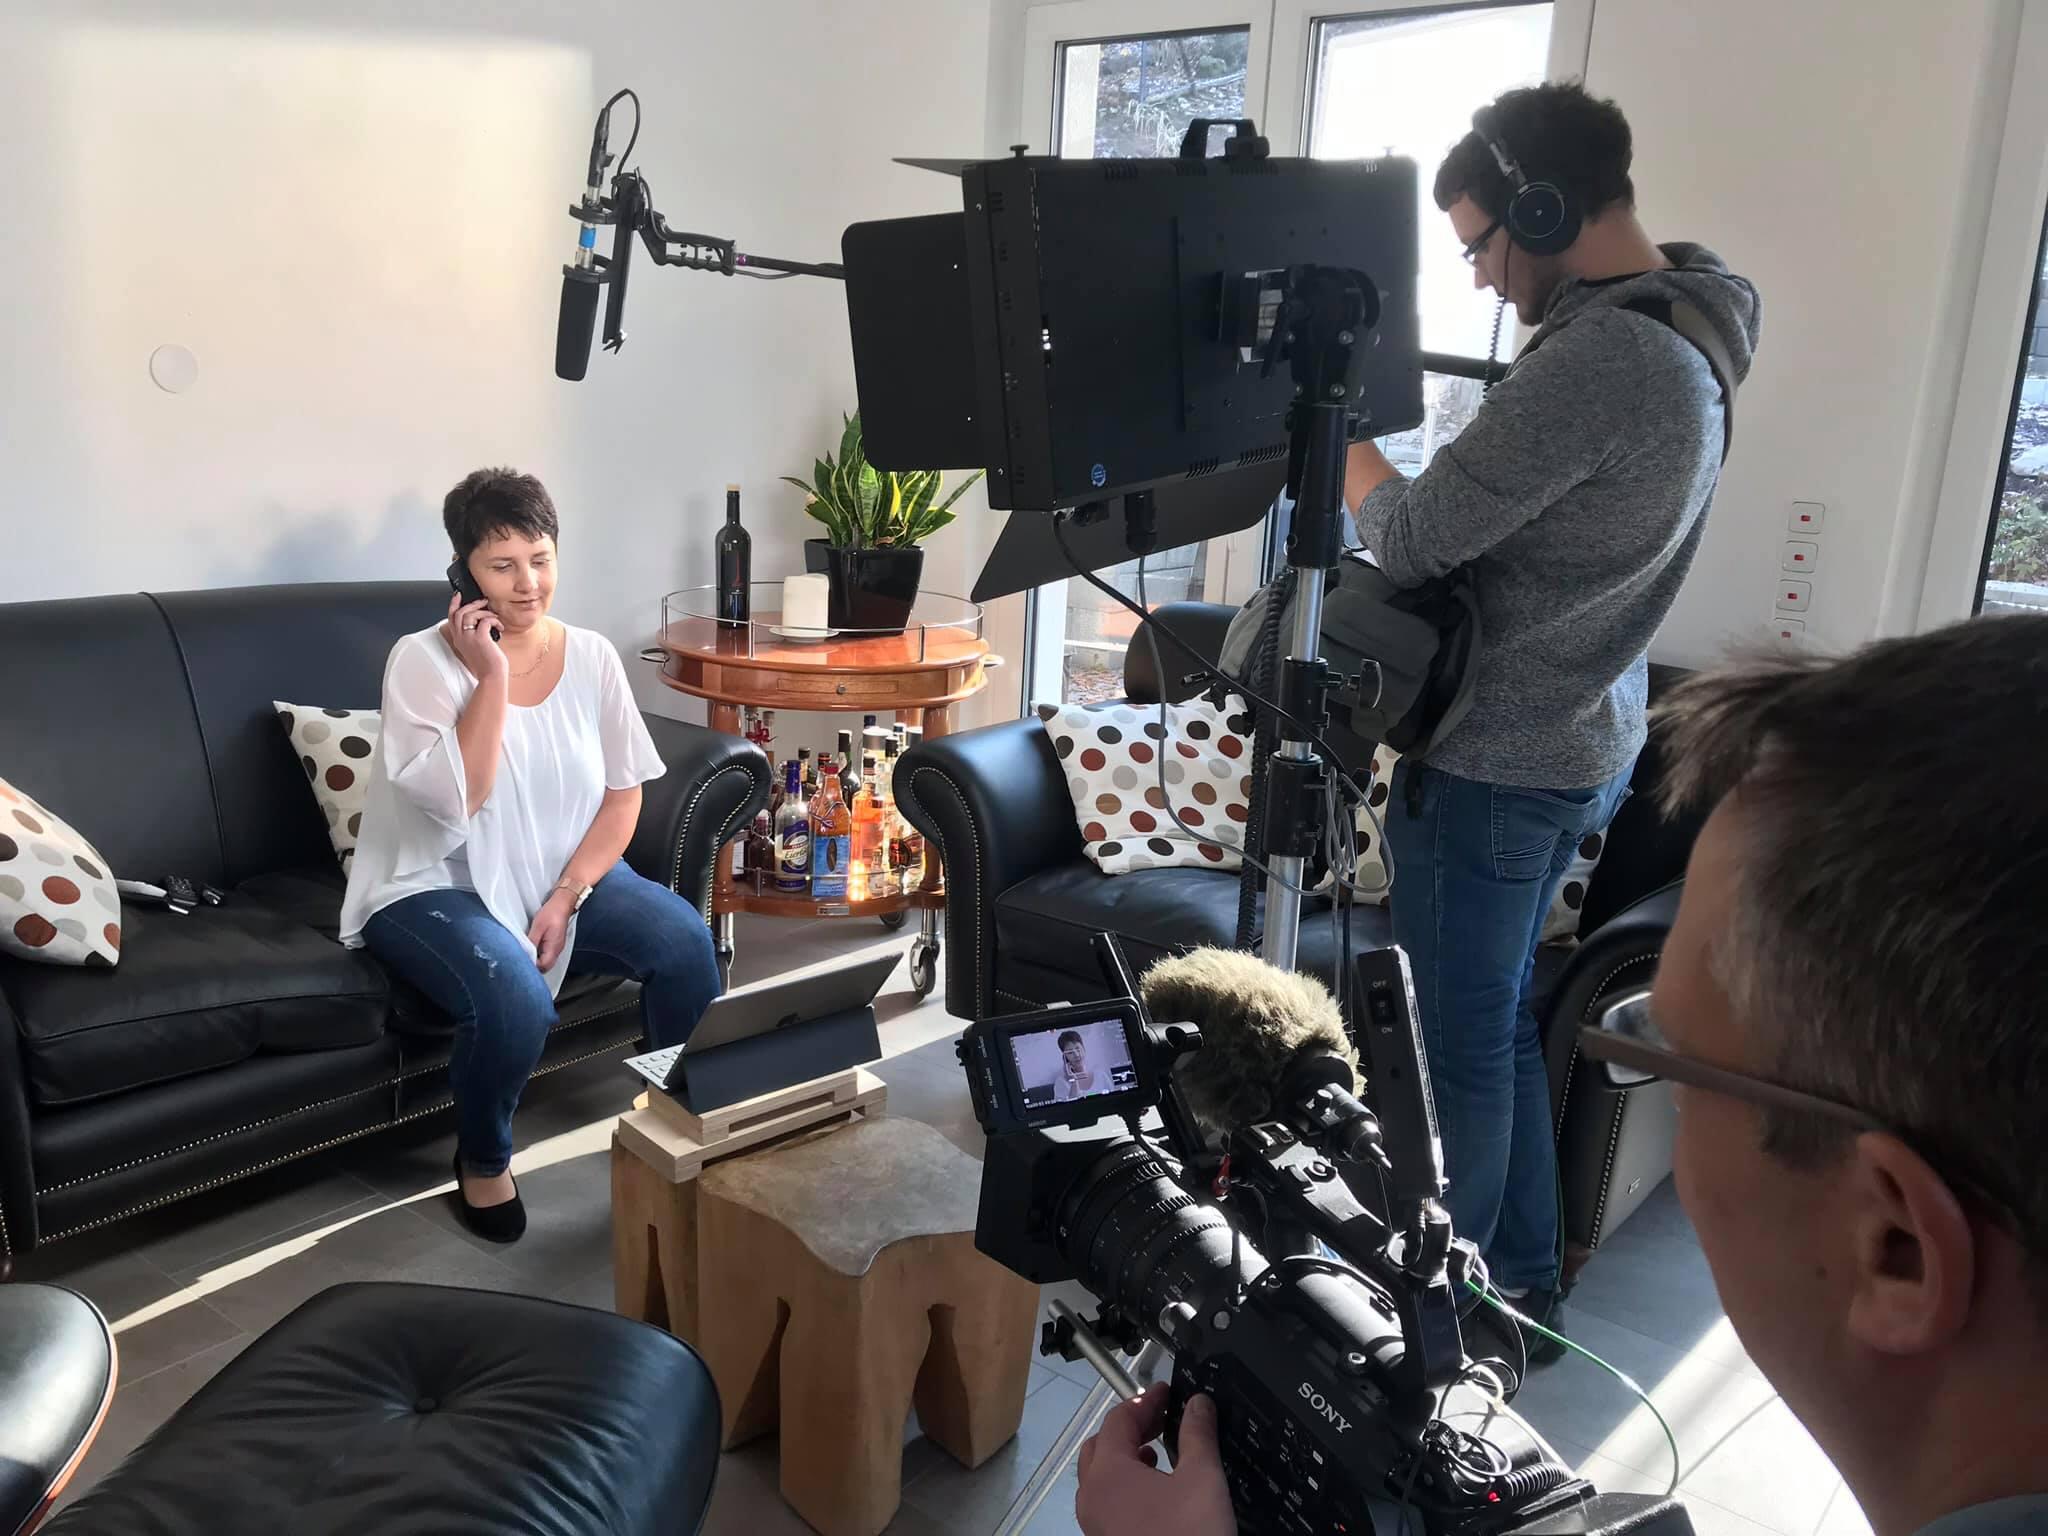 Full Size of Kchen Quelle Film Abgedreht Telefilm Filmproduktion Küchen Regal Wohnzimmer Küchen Quelle